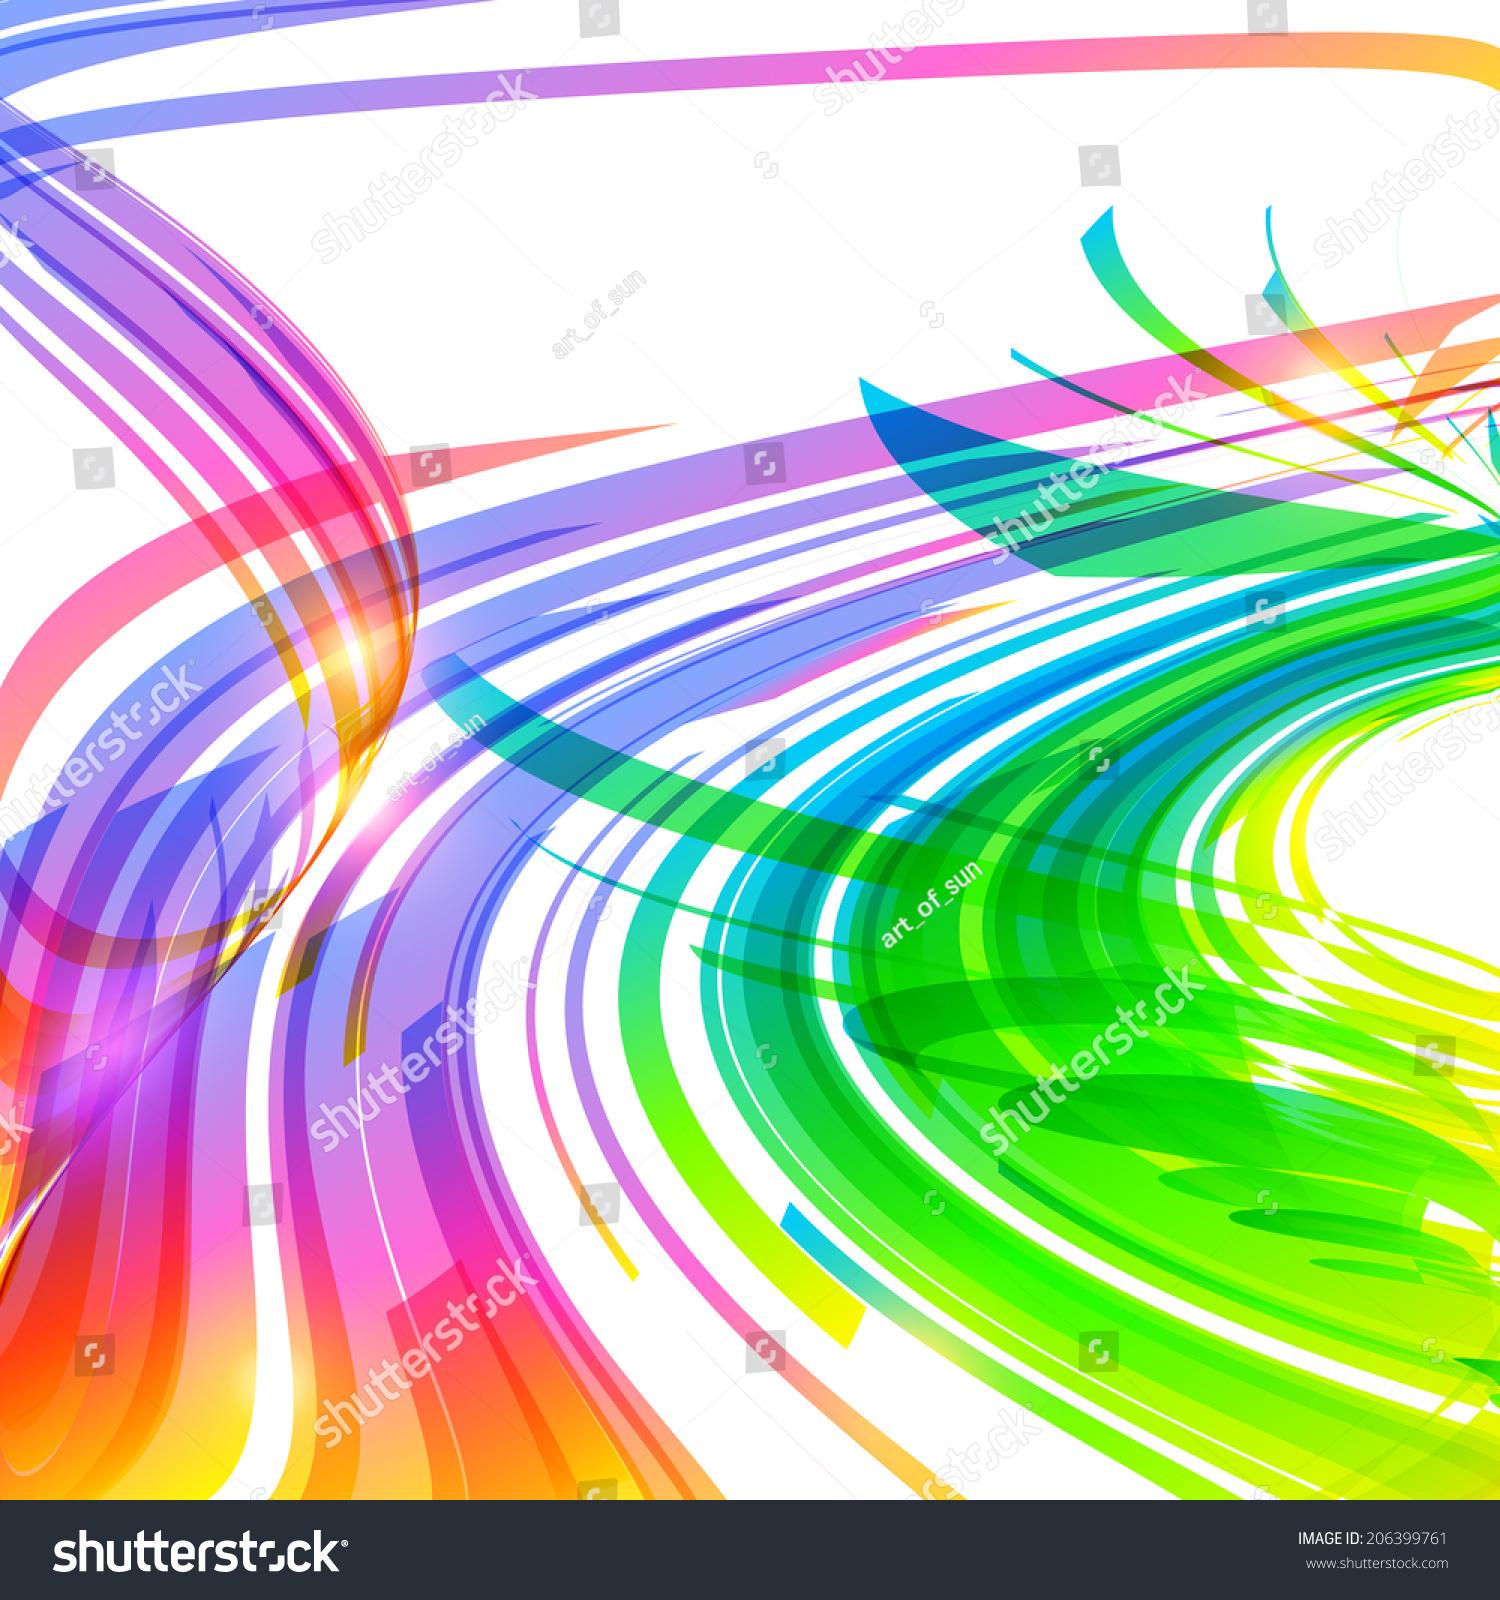 彩虹色抽象曲线背景-背景/素材